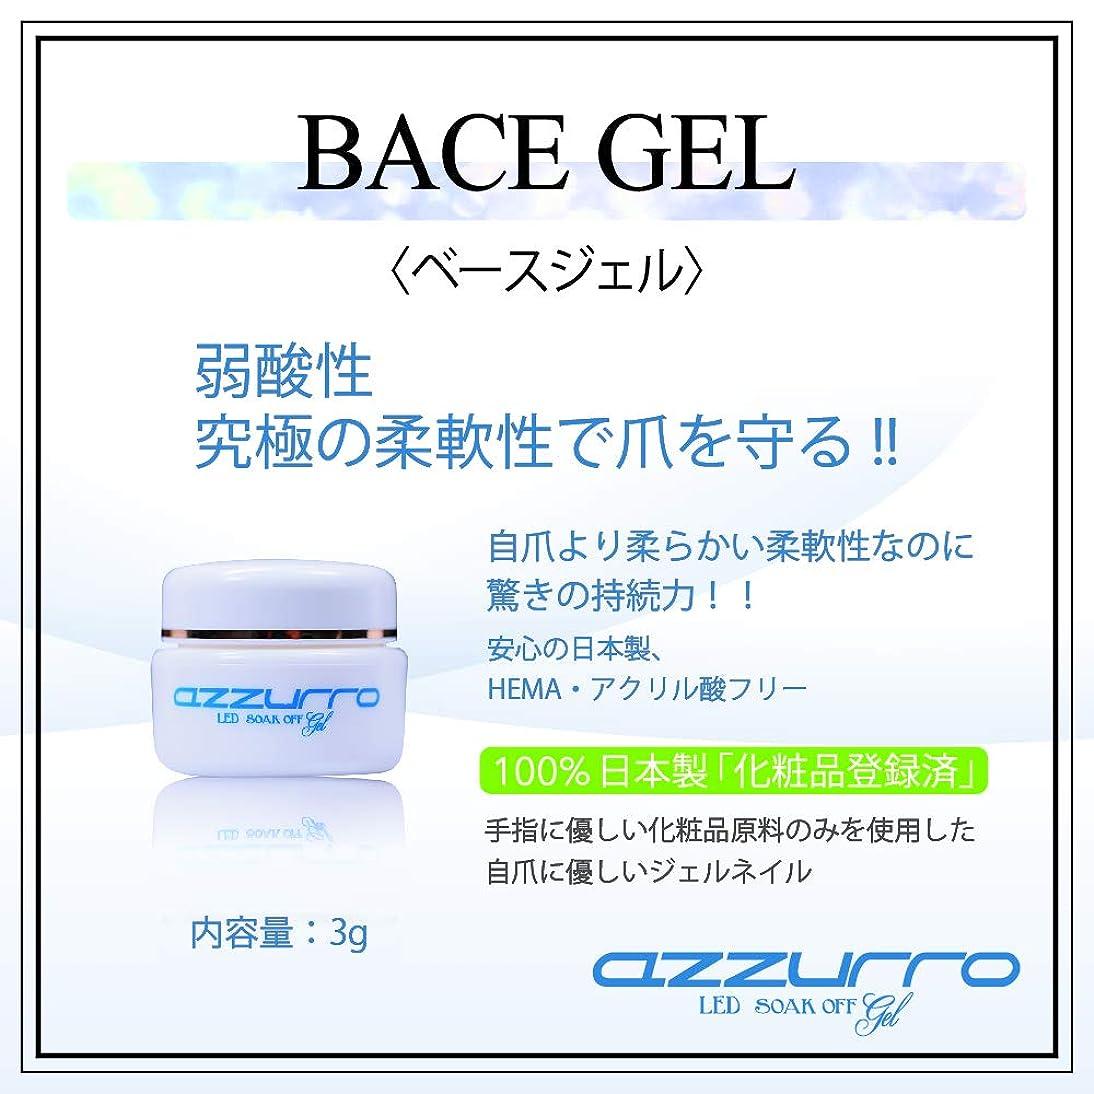 起点アンタゴニストパワーセルazzurro gel アッズーロ ベースジェル 日本製 驚きの密着力 リムーバーでオフも簡単3g